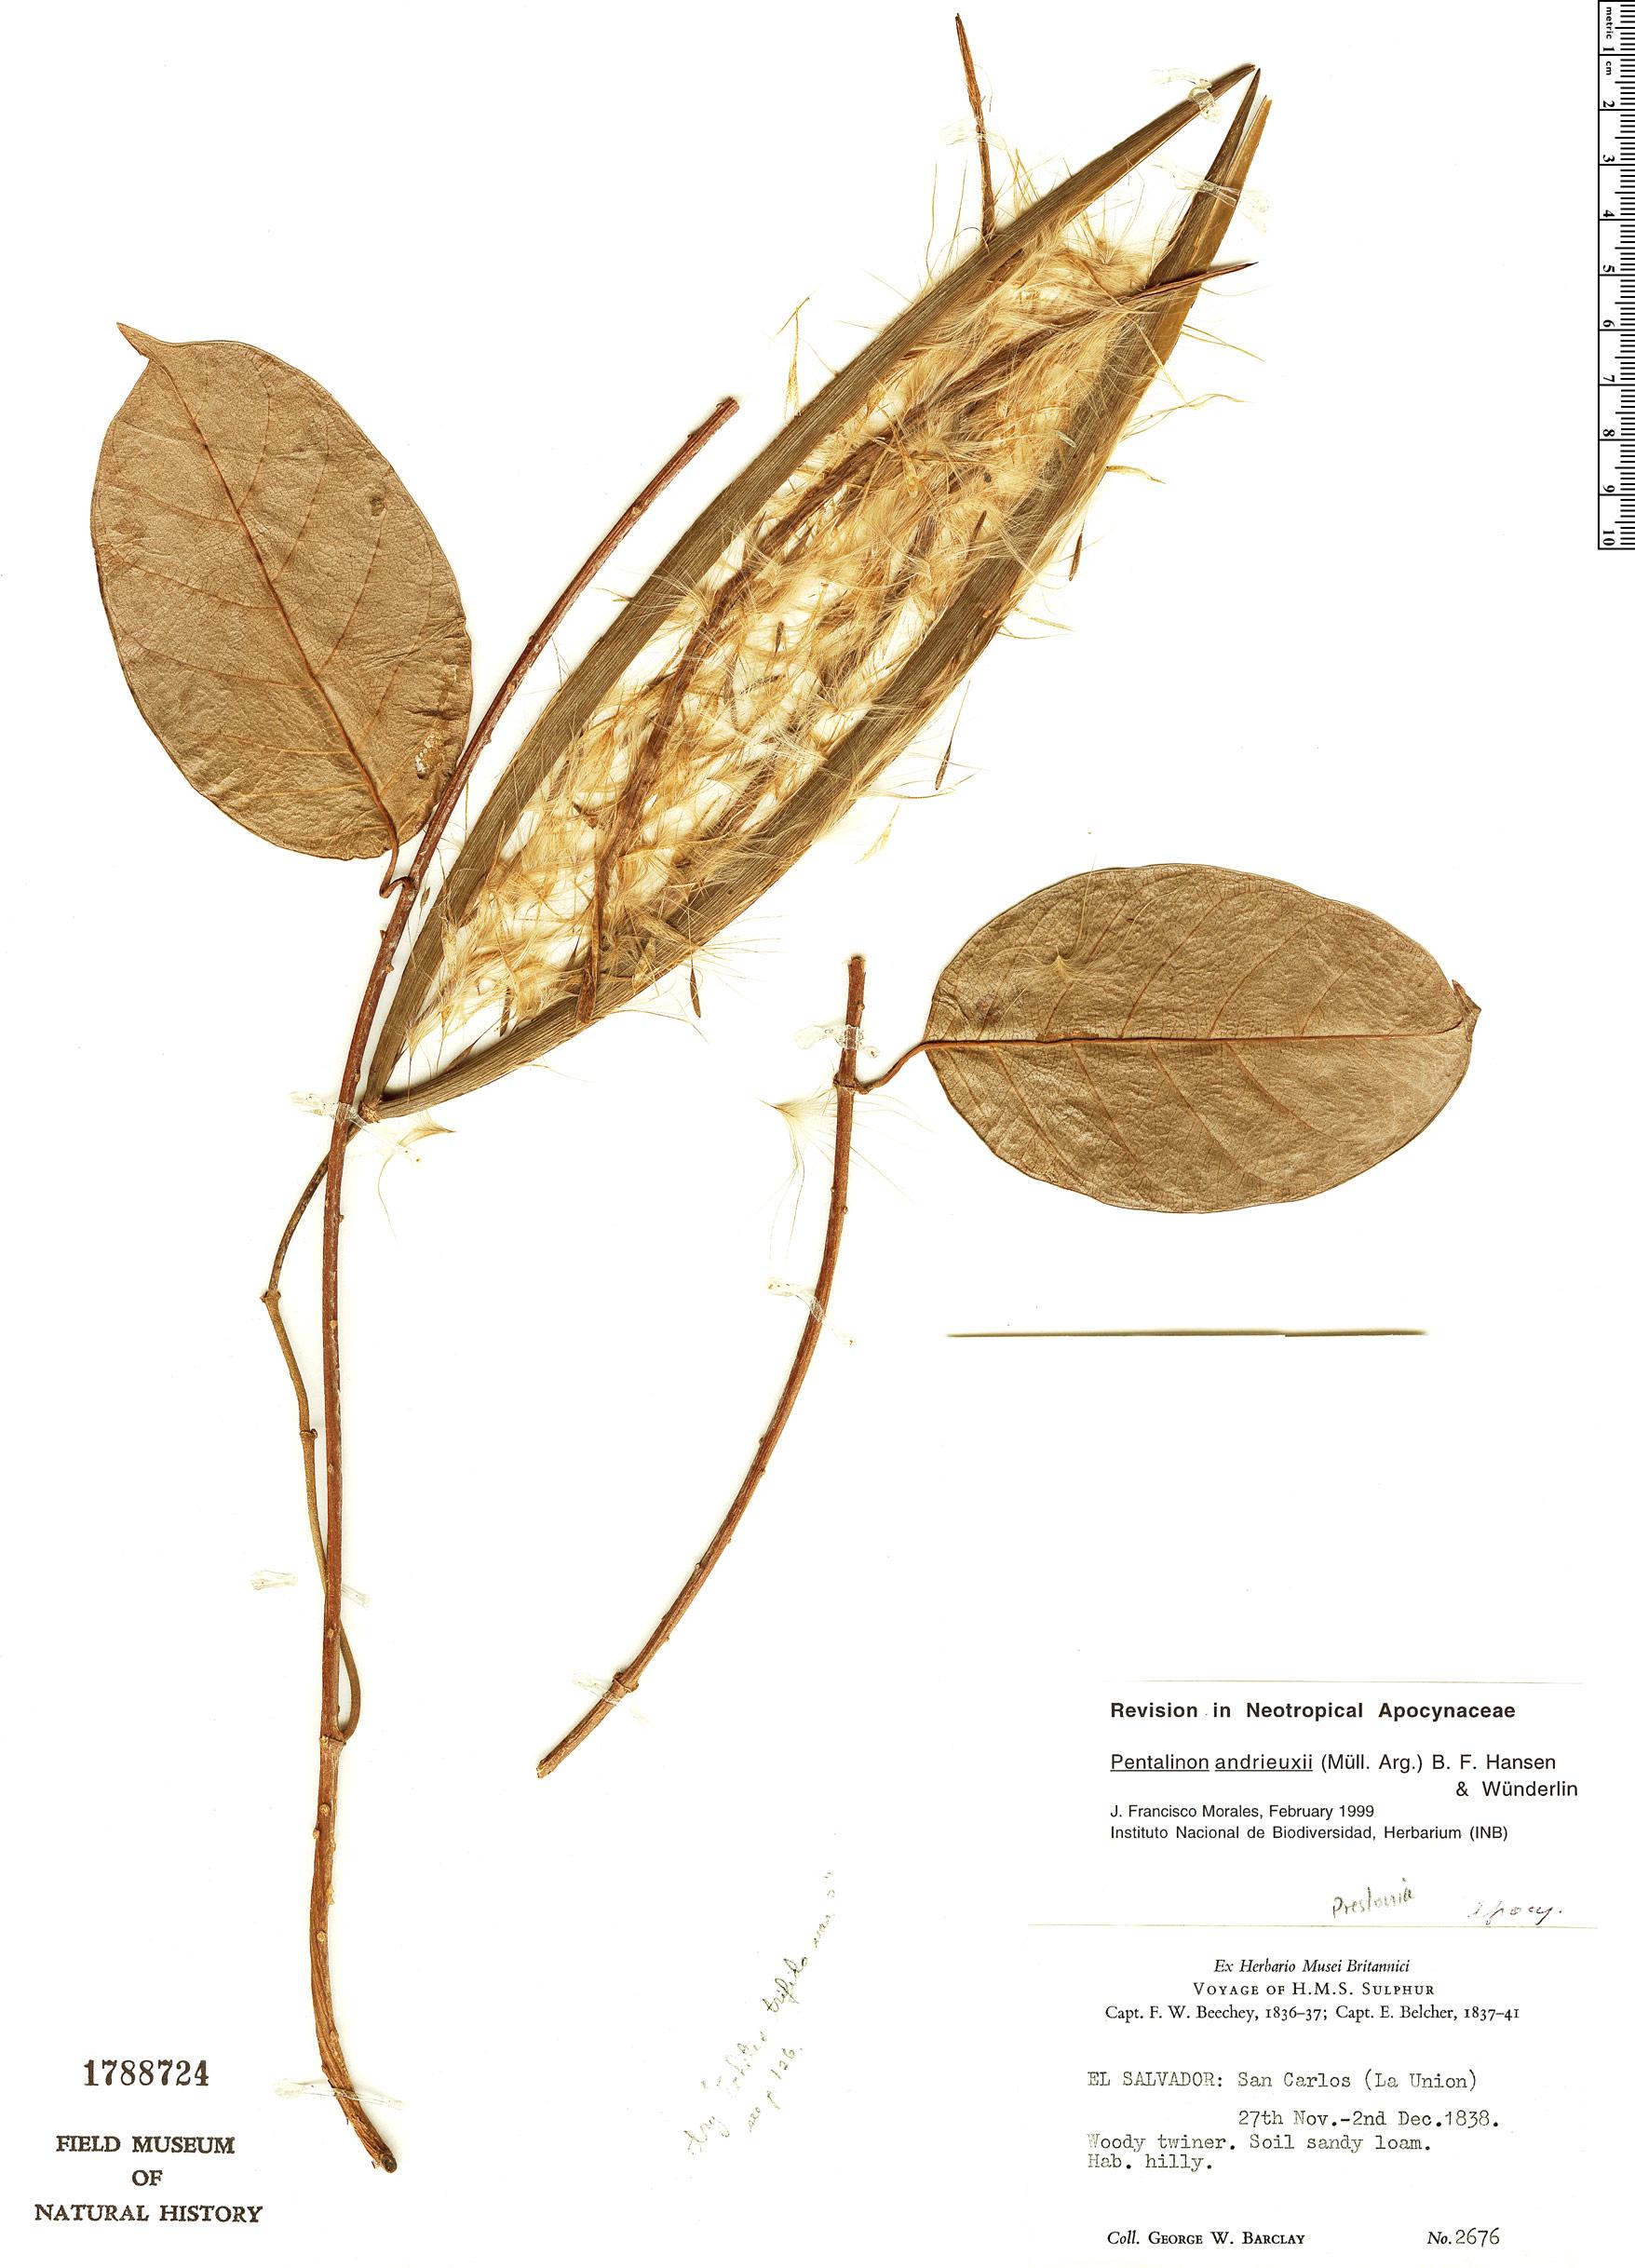 Specimen: Pentalinon andrieuxii